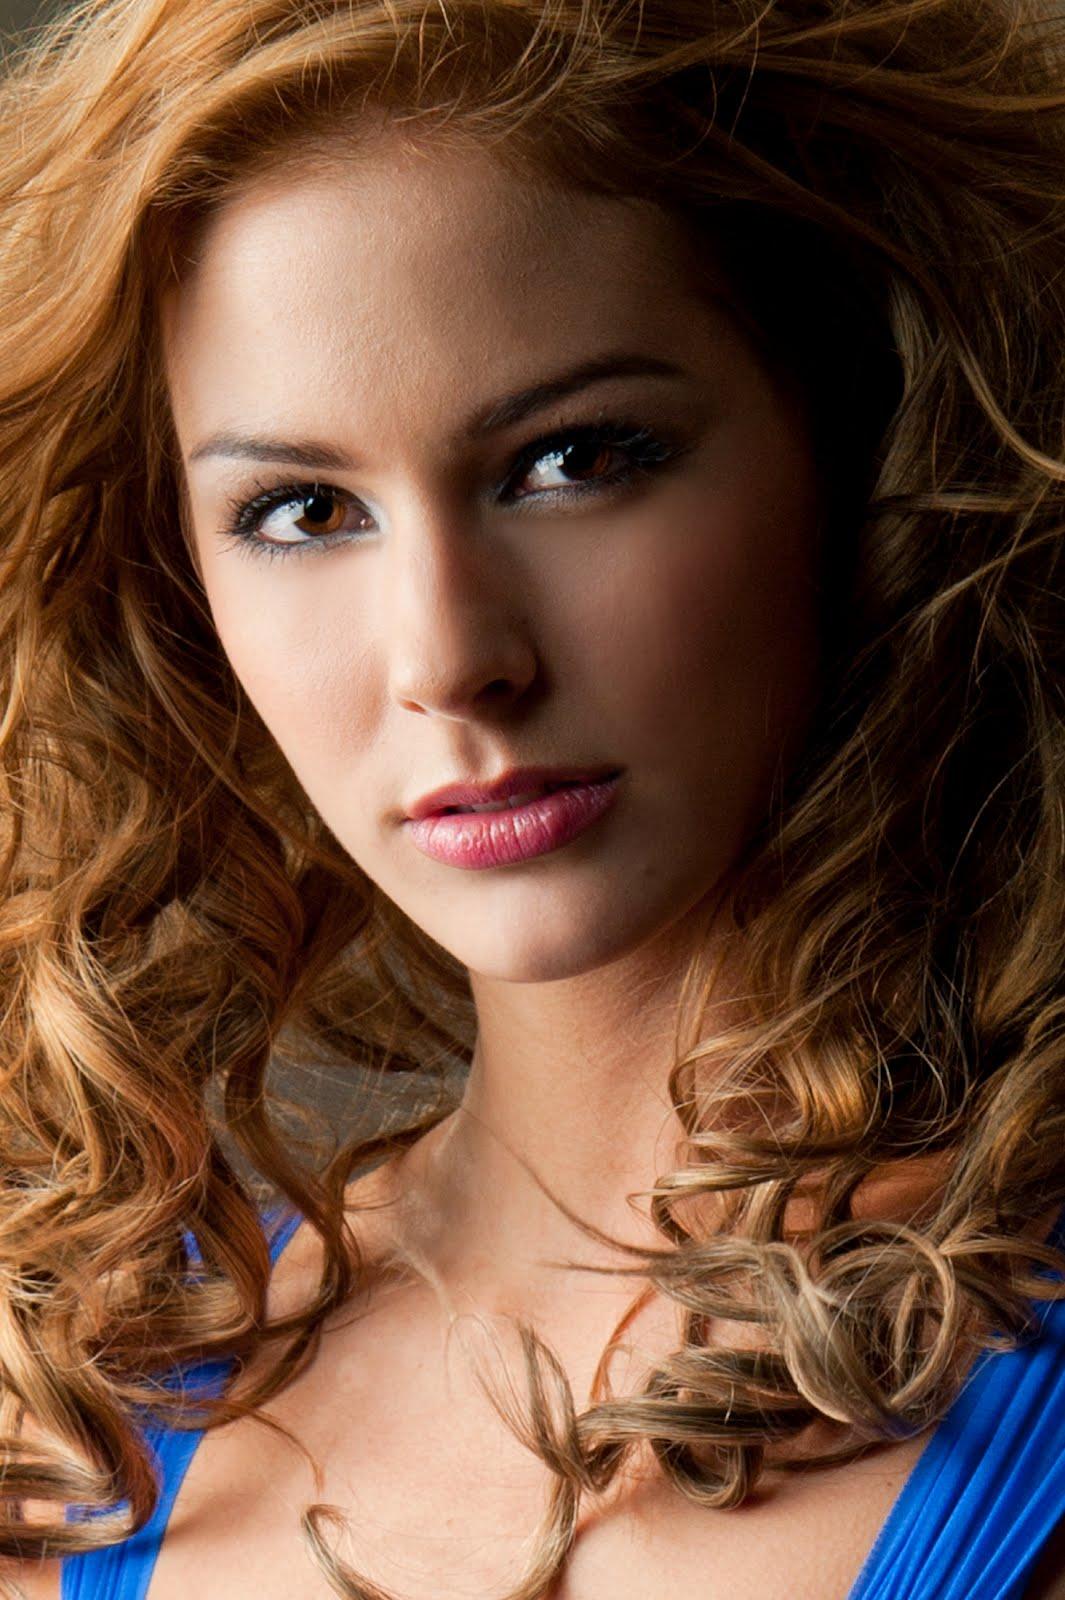 Miss World Netherlands 2012, Nathalie Den Dekker ~ Coolfwdclip